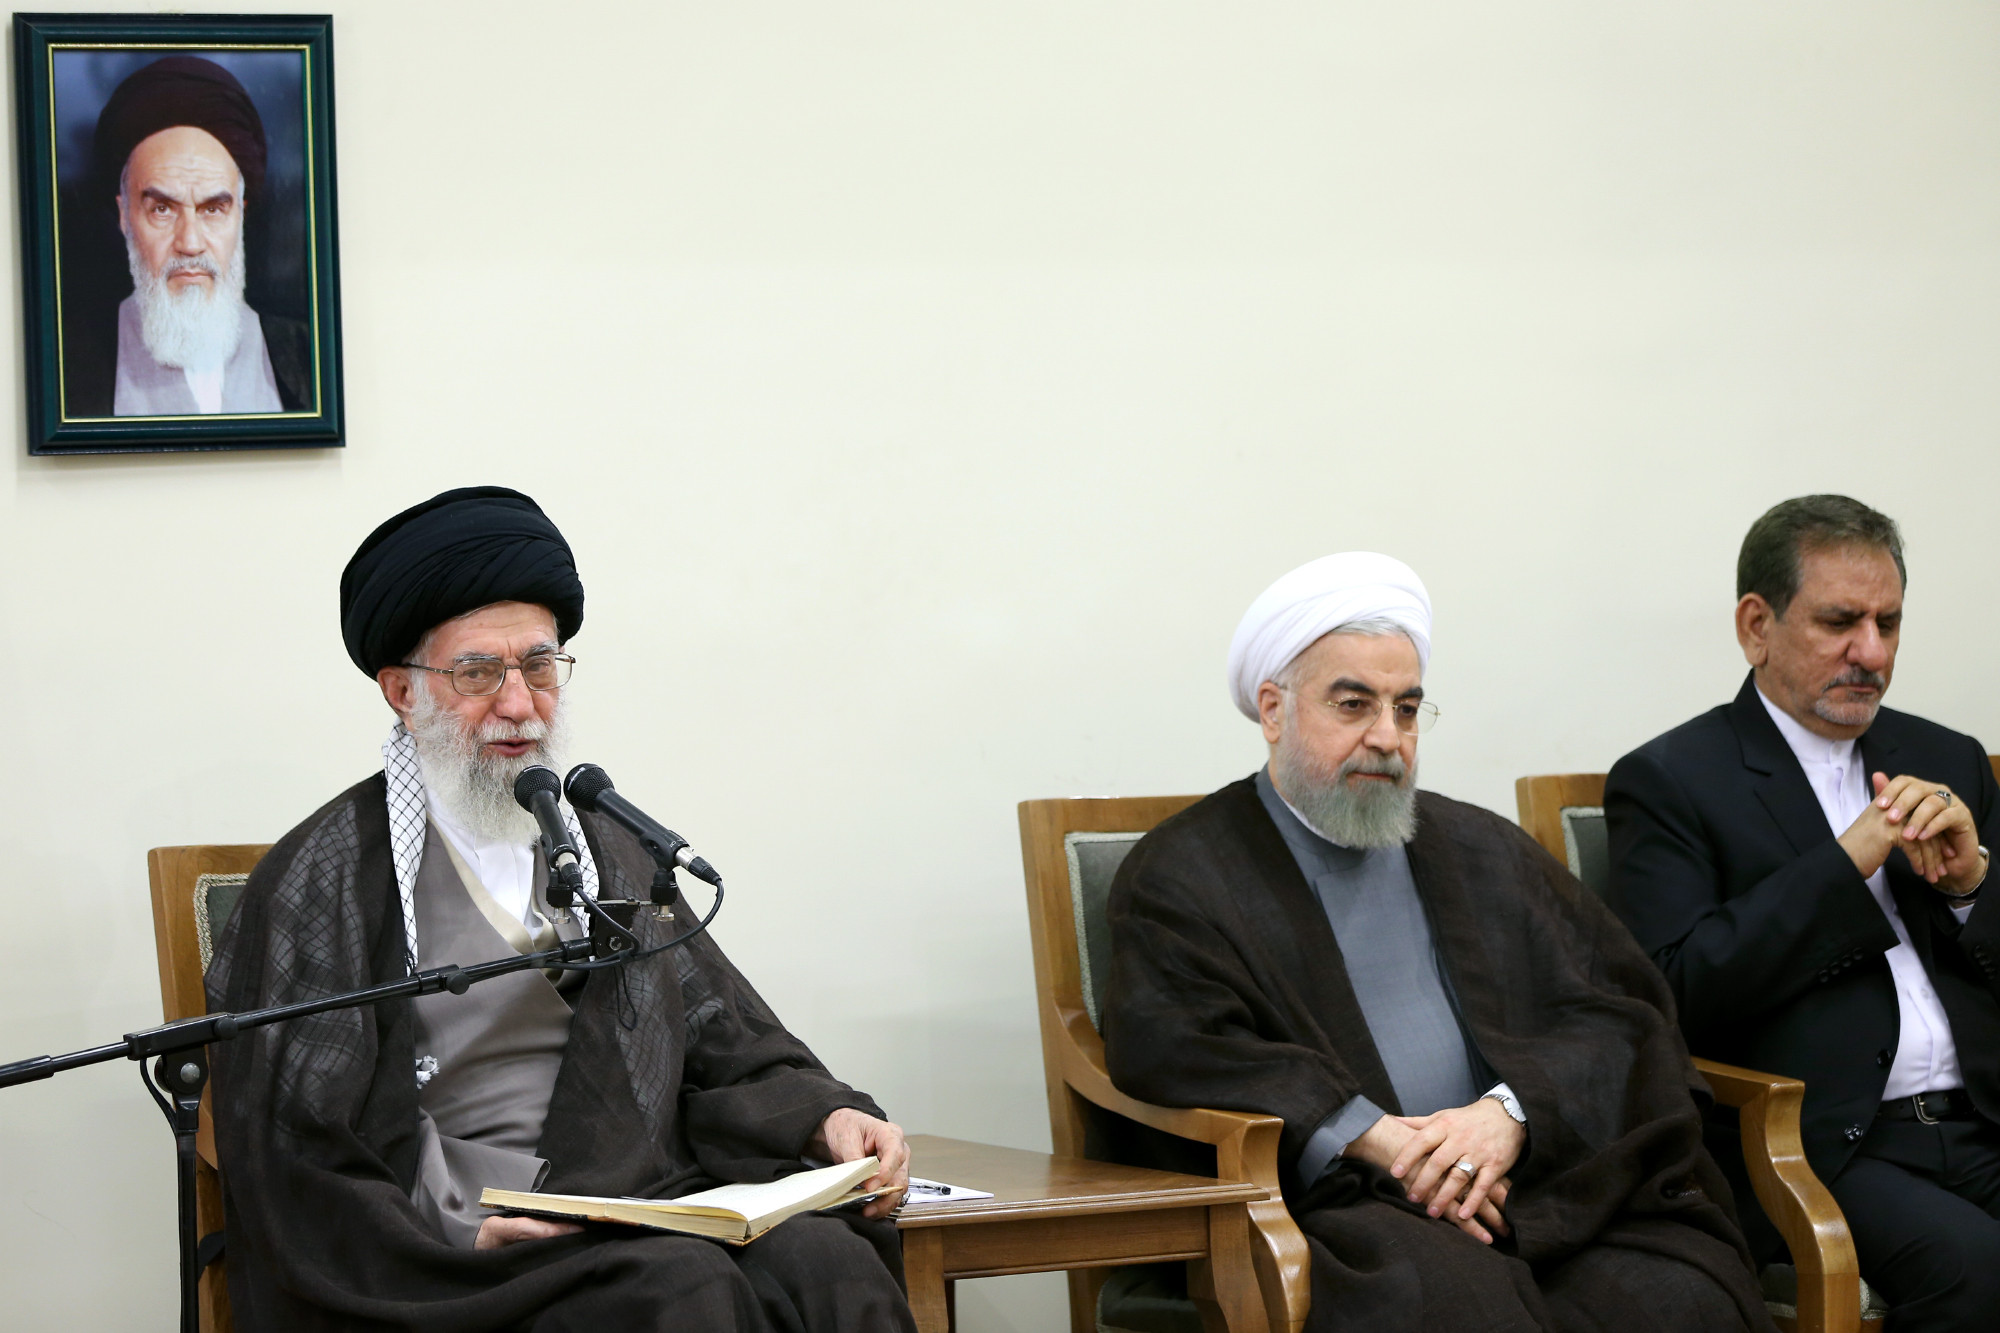 دیدار رئیسجمهور و اعضای هیأت دولت با رهبری (+عکس)